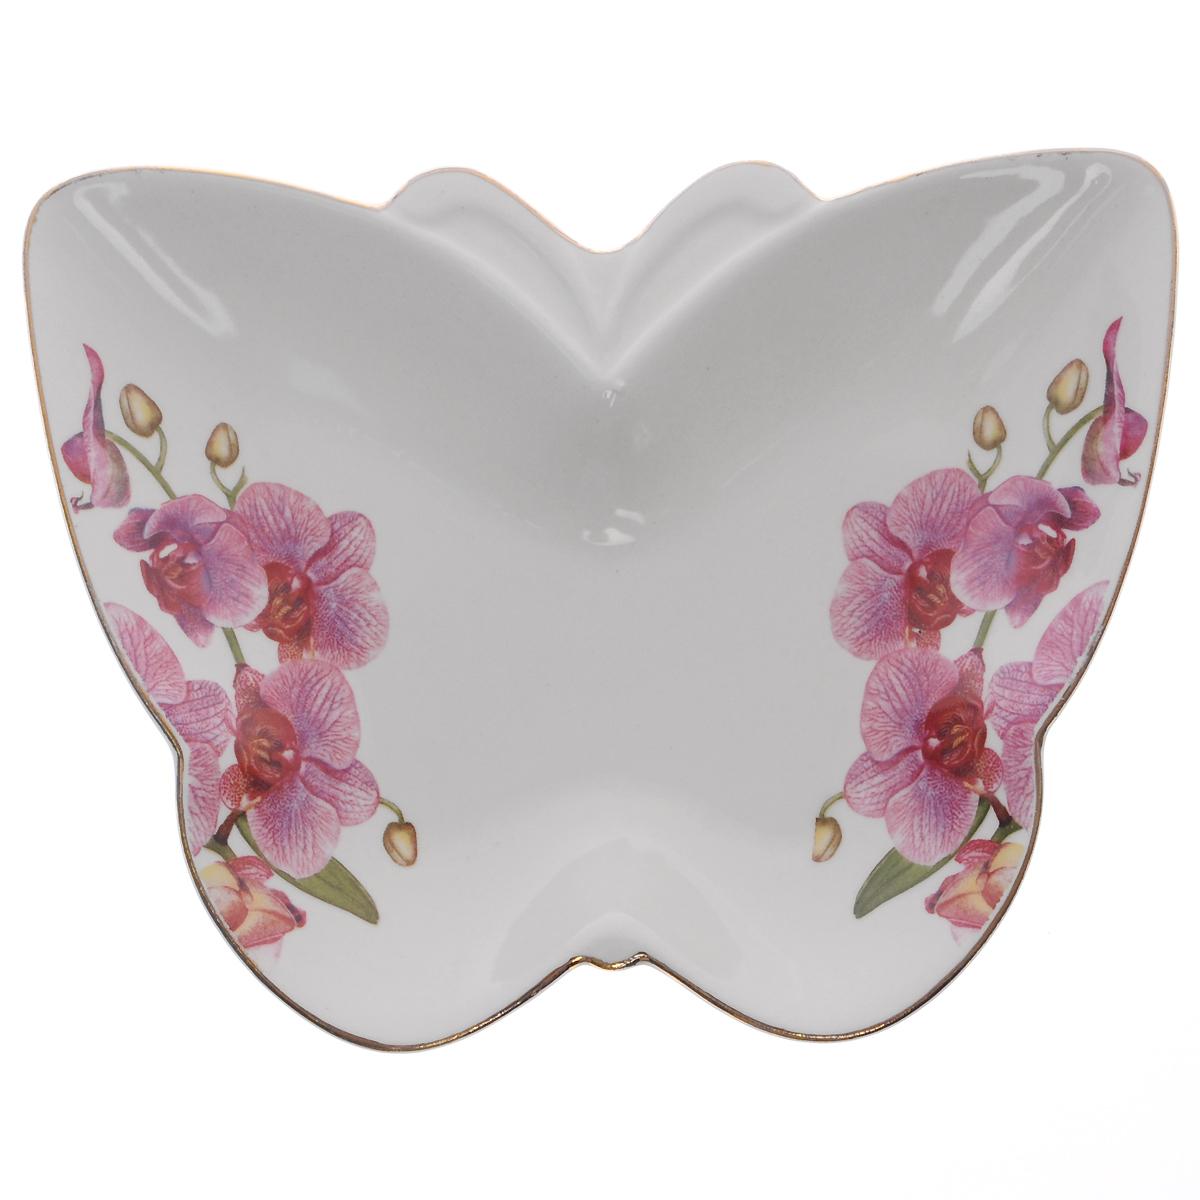 Блюдо Briswild Цветы орхидеи, 18 х 14 см589-100Блюдо Briswild Цветы орхидеи, изготовленное из высококачественного фарфора в виде бабочки, декорировано изображение цветов орхидеи и золотистой окантовкой. Такое блюдо сочетает в себе изысканный дизайн с максимальной функциональностью. Красочность оформления придется по вкусу и ценителям классики, и тем, кто предпочитает утонченность и изысканность.Оригинальное блюдо украсит сервировку вашего стола и подчеркнет прекрасный вкус хозяйки, а также станет отличным подарком.Нельзя использовать в микроволновой печи и мыть в посудомоечной машине.Размер блюда (по верхнему краю): 18 см х 14 см.Высота стенки блюда: 2 см.